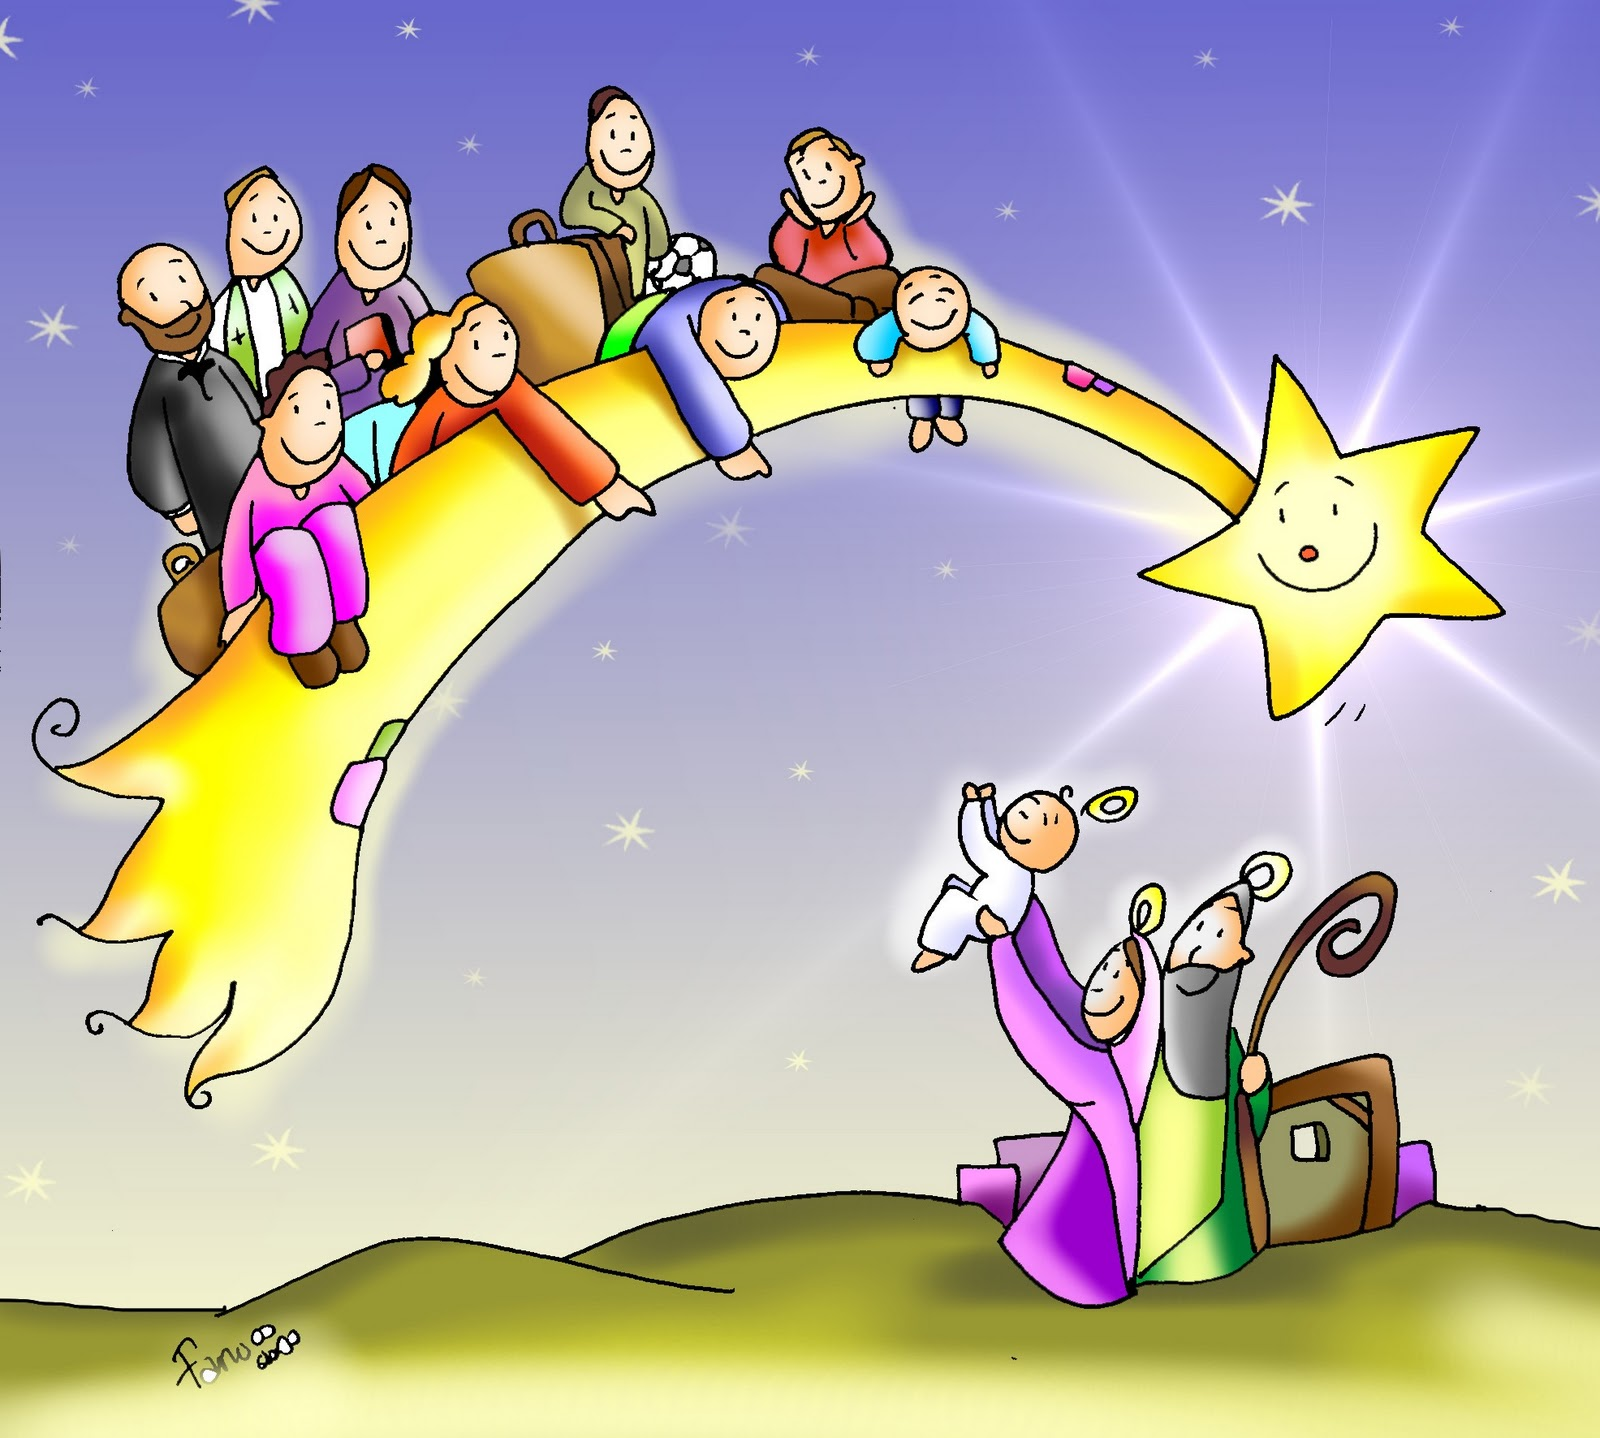 El blog de marcelo navidad y epifania seg n fano im genes - Dibujos navidad en color ...